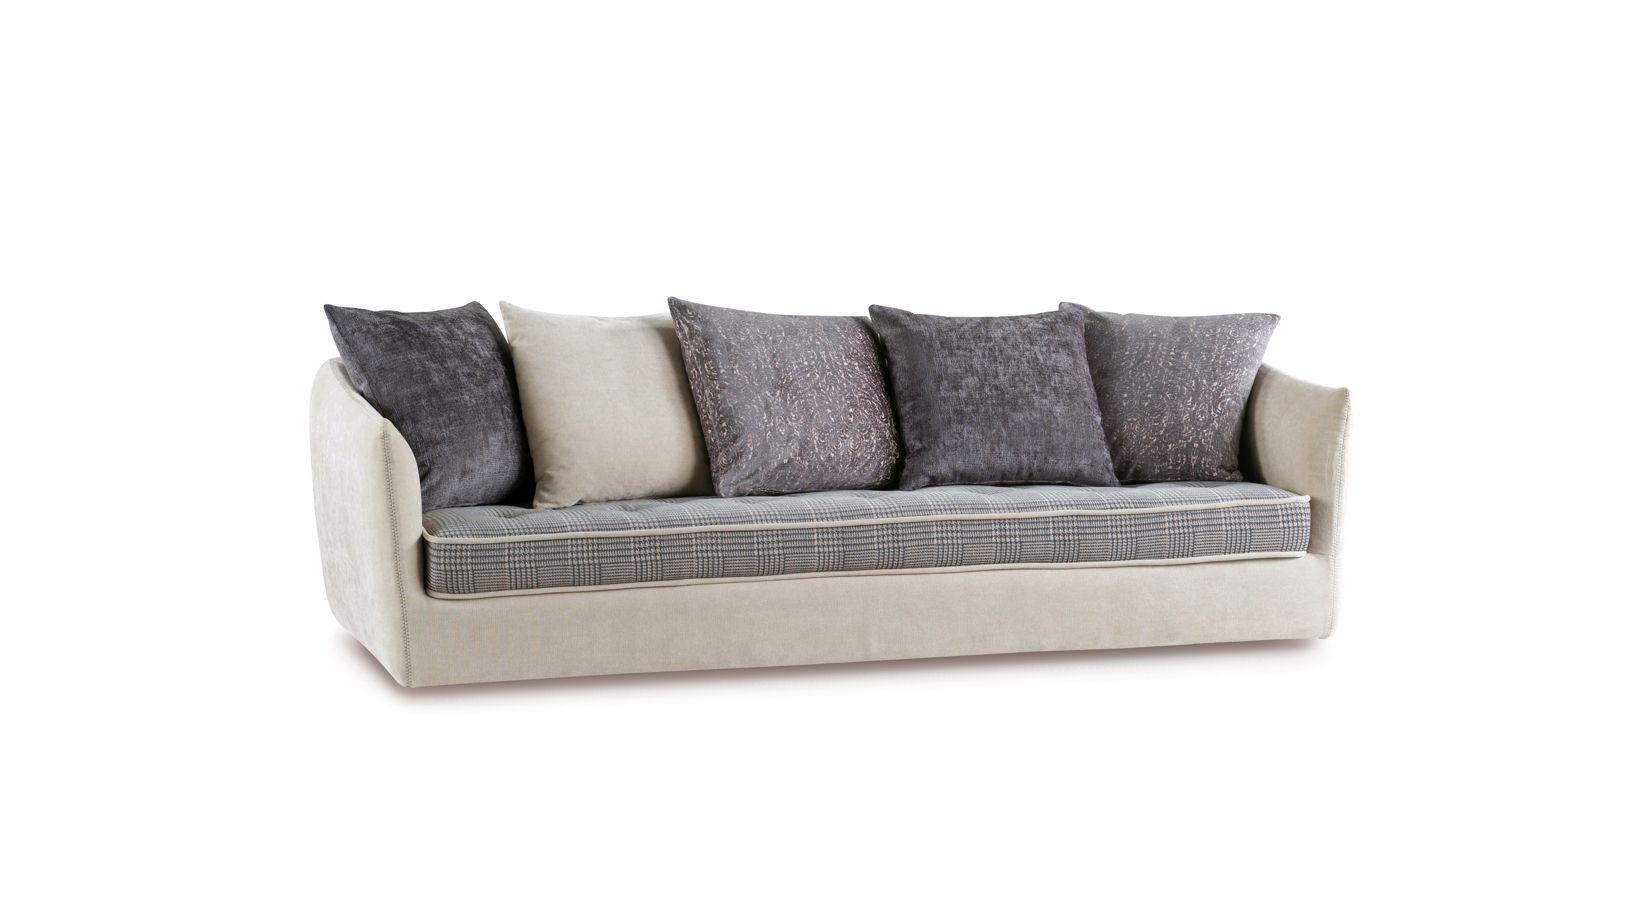 Cocoon large 3 seat sofa nouveaux classiques collection roche bobois - Sofa rock en bobois ...